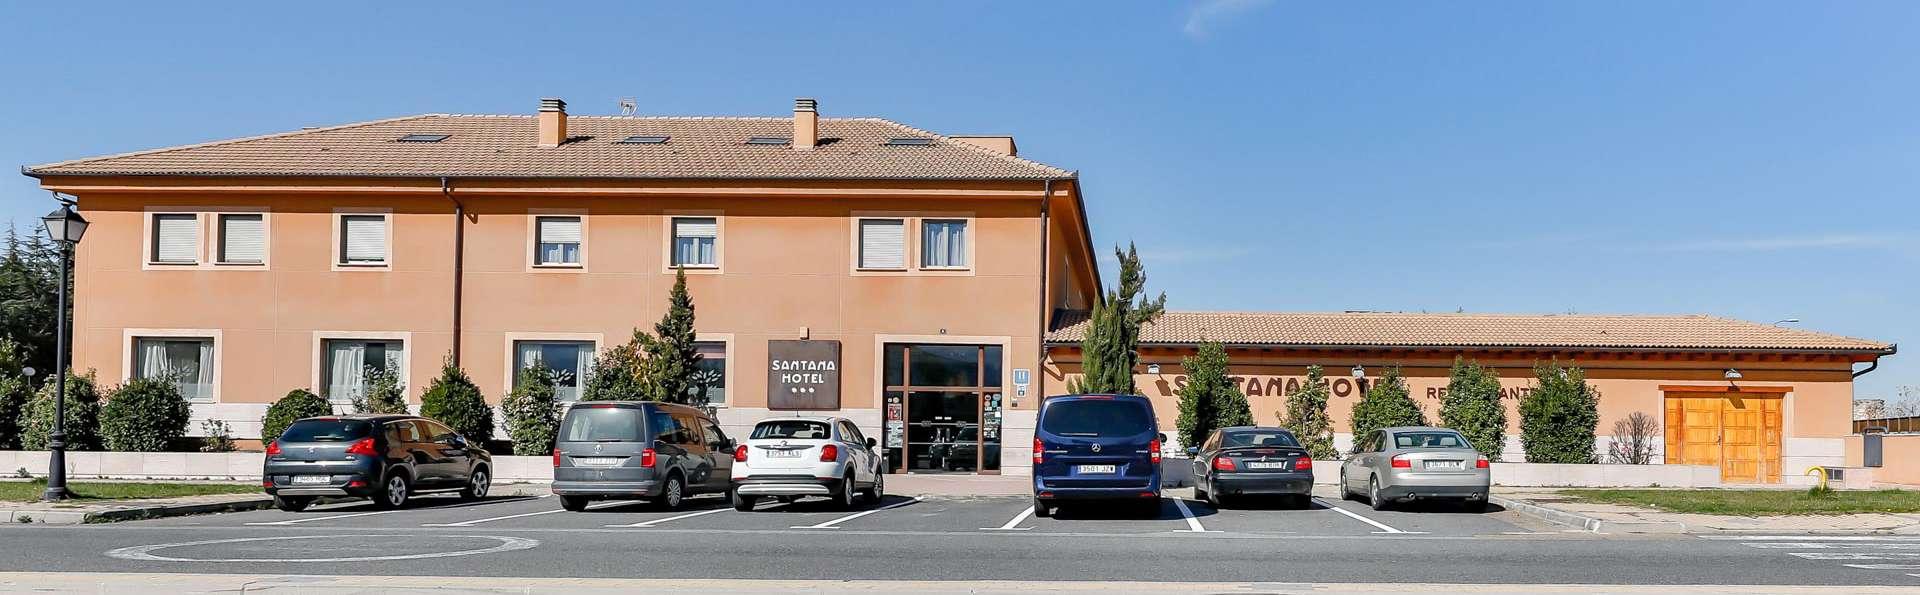 Hospedium Santana Hotel Restaurante - EDIT_FRONT_02.jpg